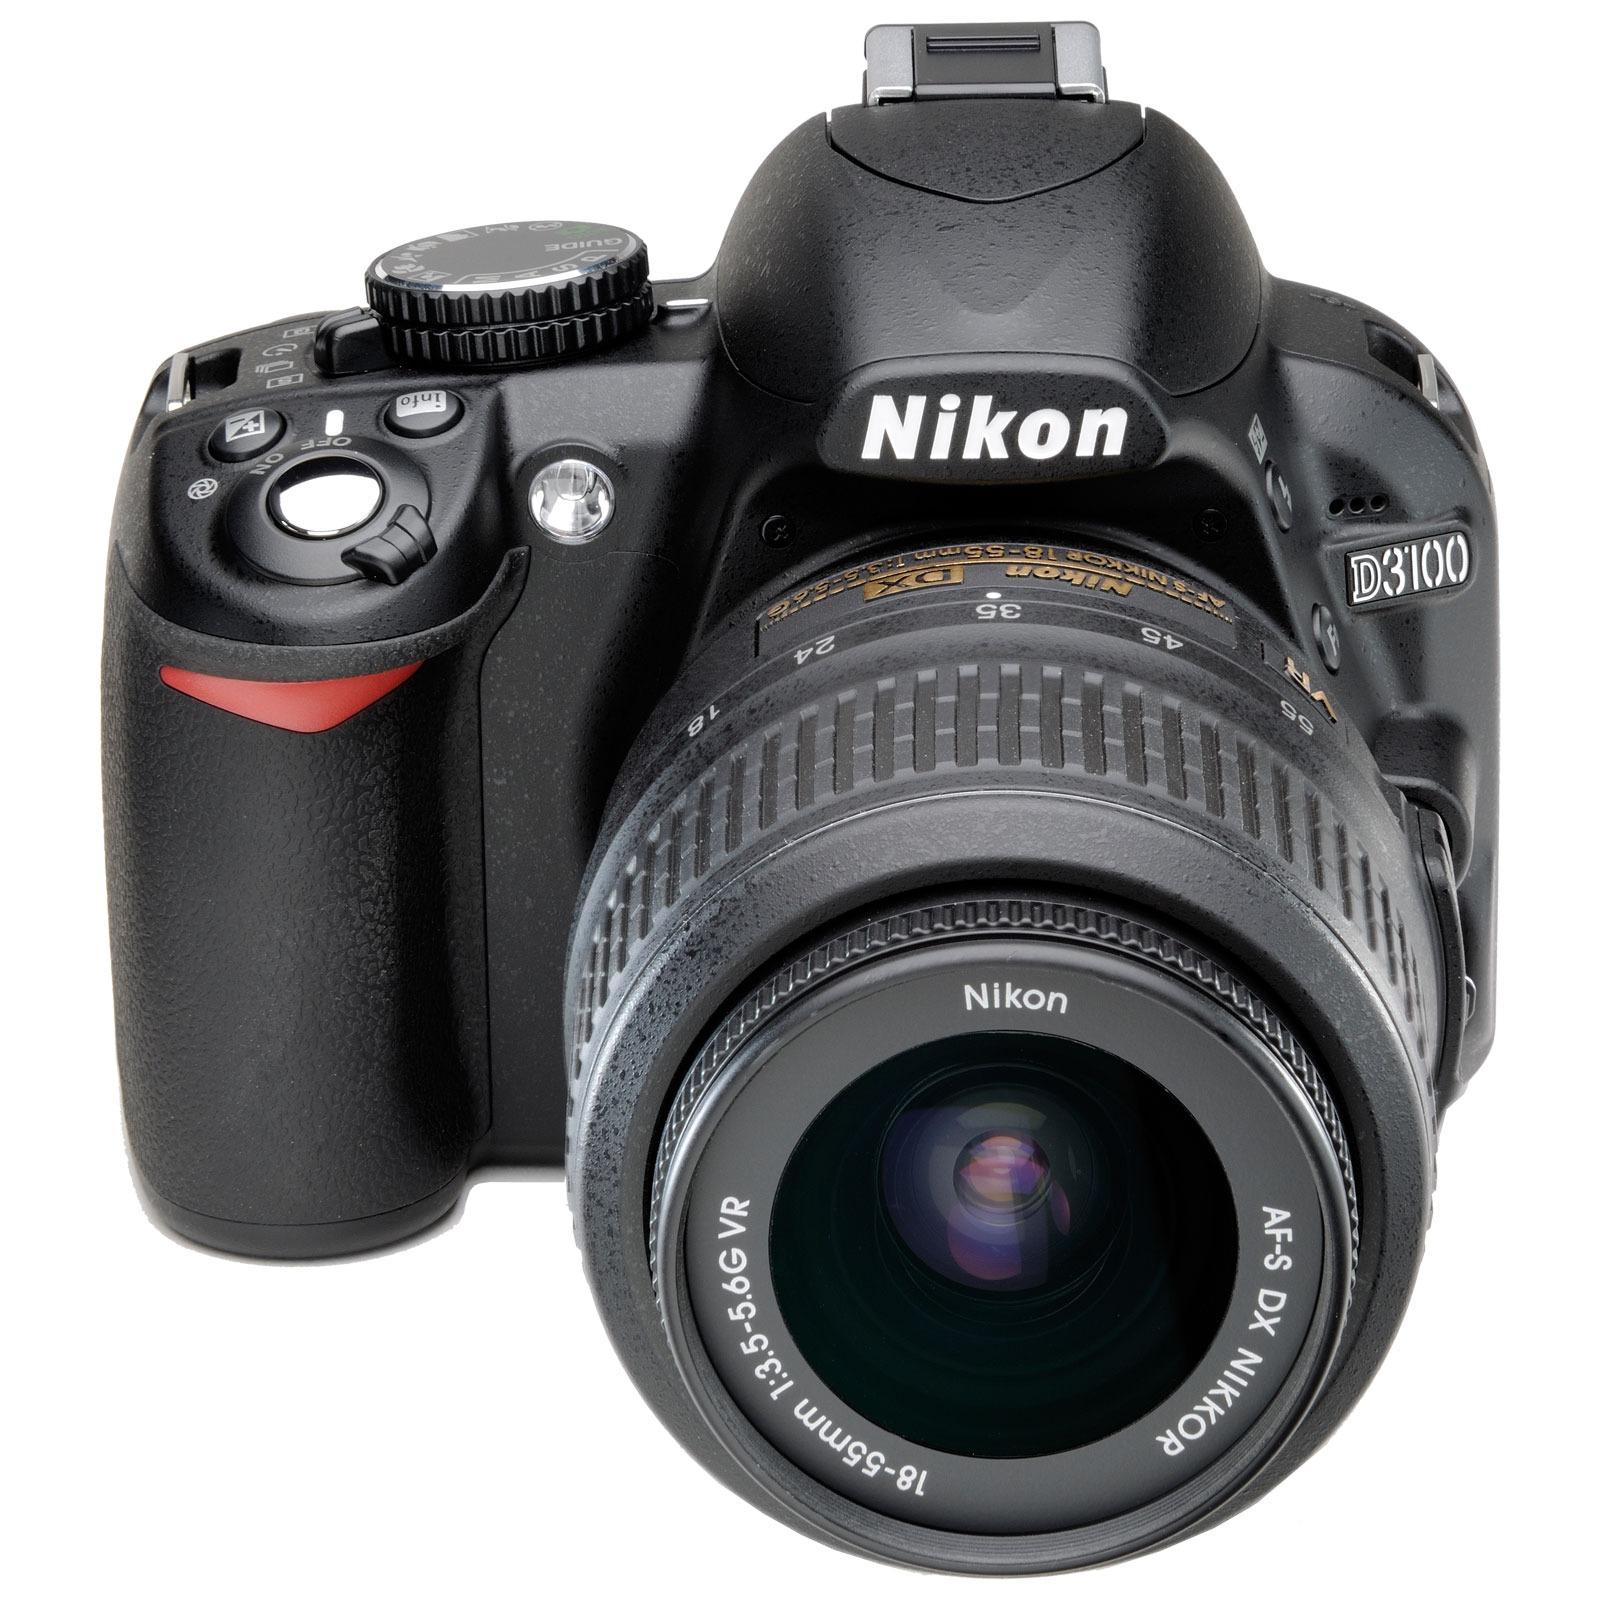 """Appareil photo Reflex Nikon D3100 + Objectifs AF-S DX NIKKOR 18-55 mm VR   AF-S NIKKOR VR DX 55-200 mm f/4-5.6G ED Réflex Numérique 14.2 MP - Ecran 3"""" - Vidéo Full HD + Objectifs AF-S DX NIKKOR 18-55 mm VR   AF-S NIKKOR VR DX 55-200 mm f/4-5.6G ED"""